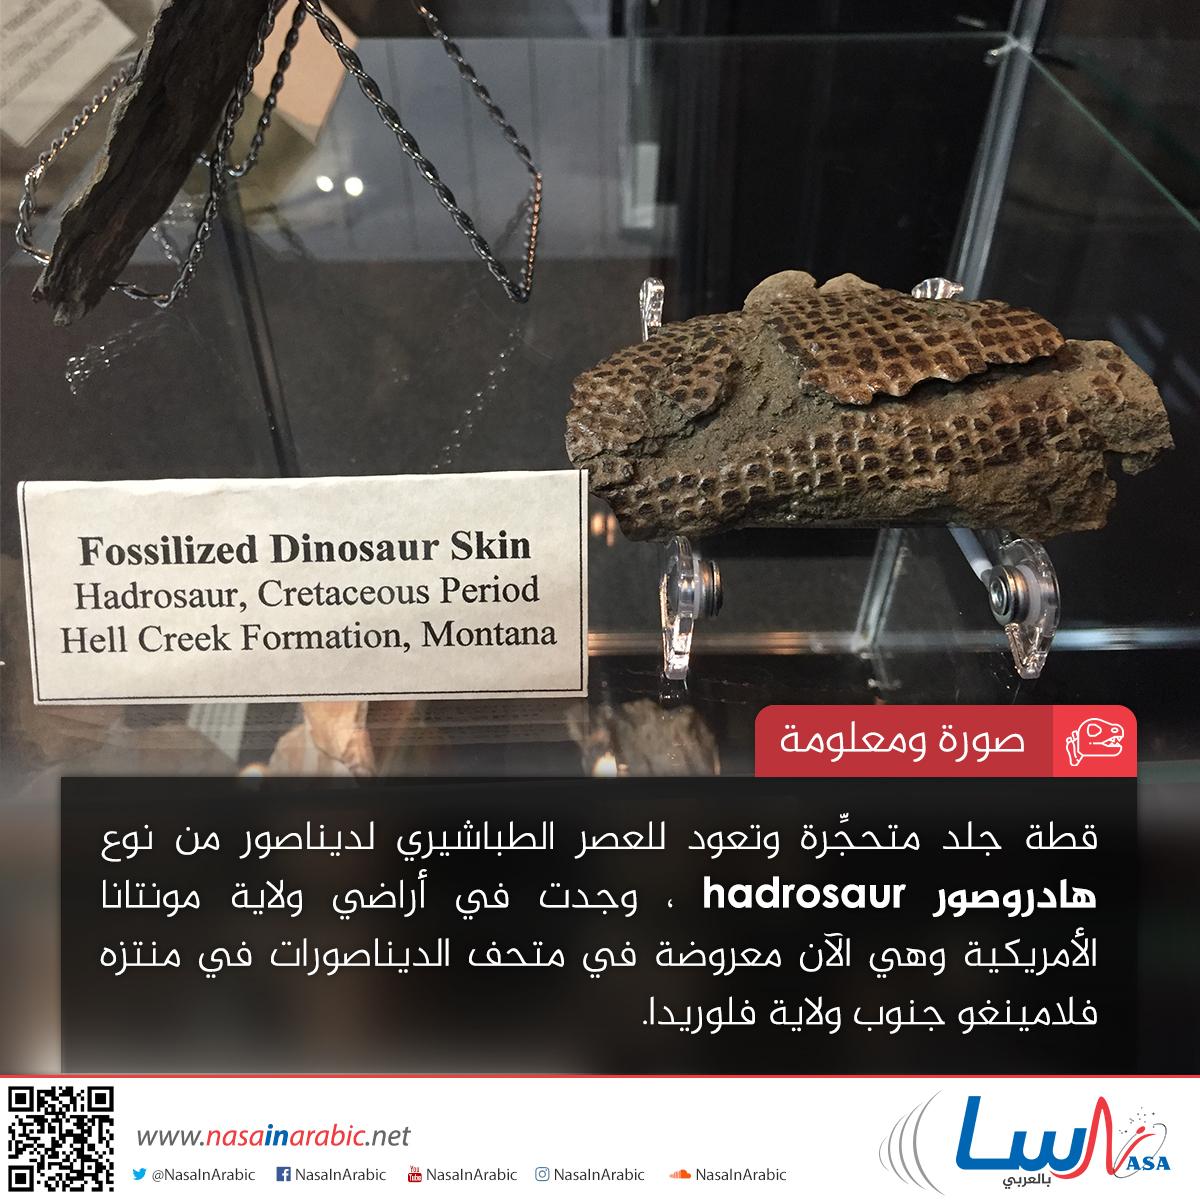 هادروصور Hadrosaur